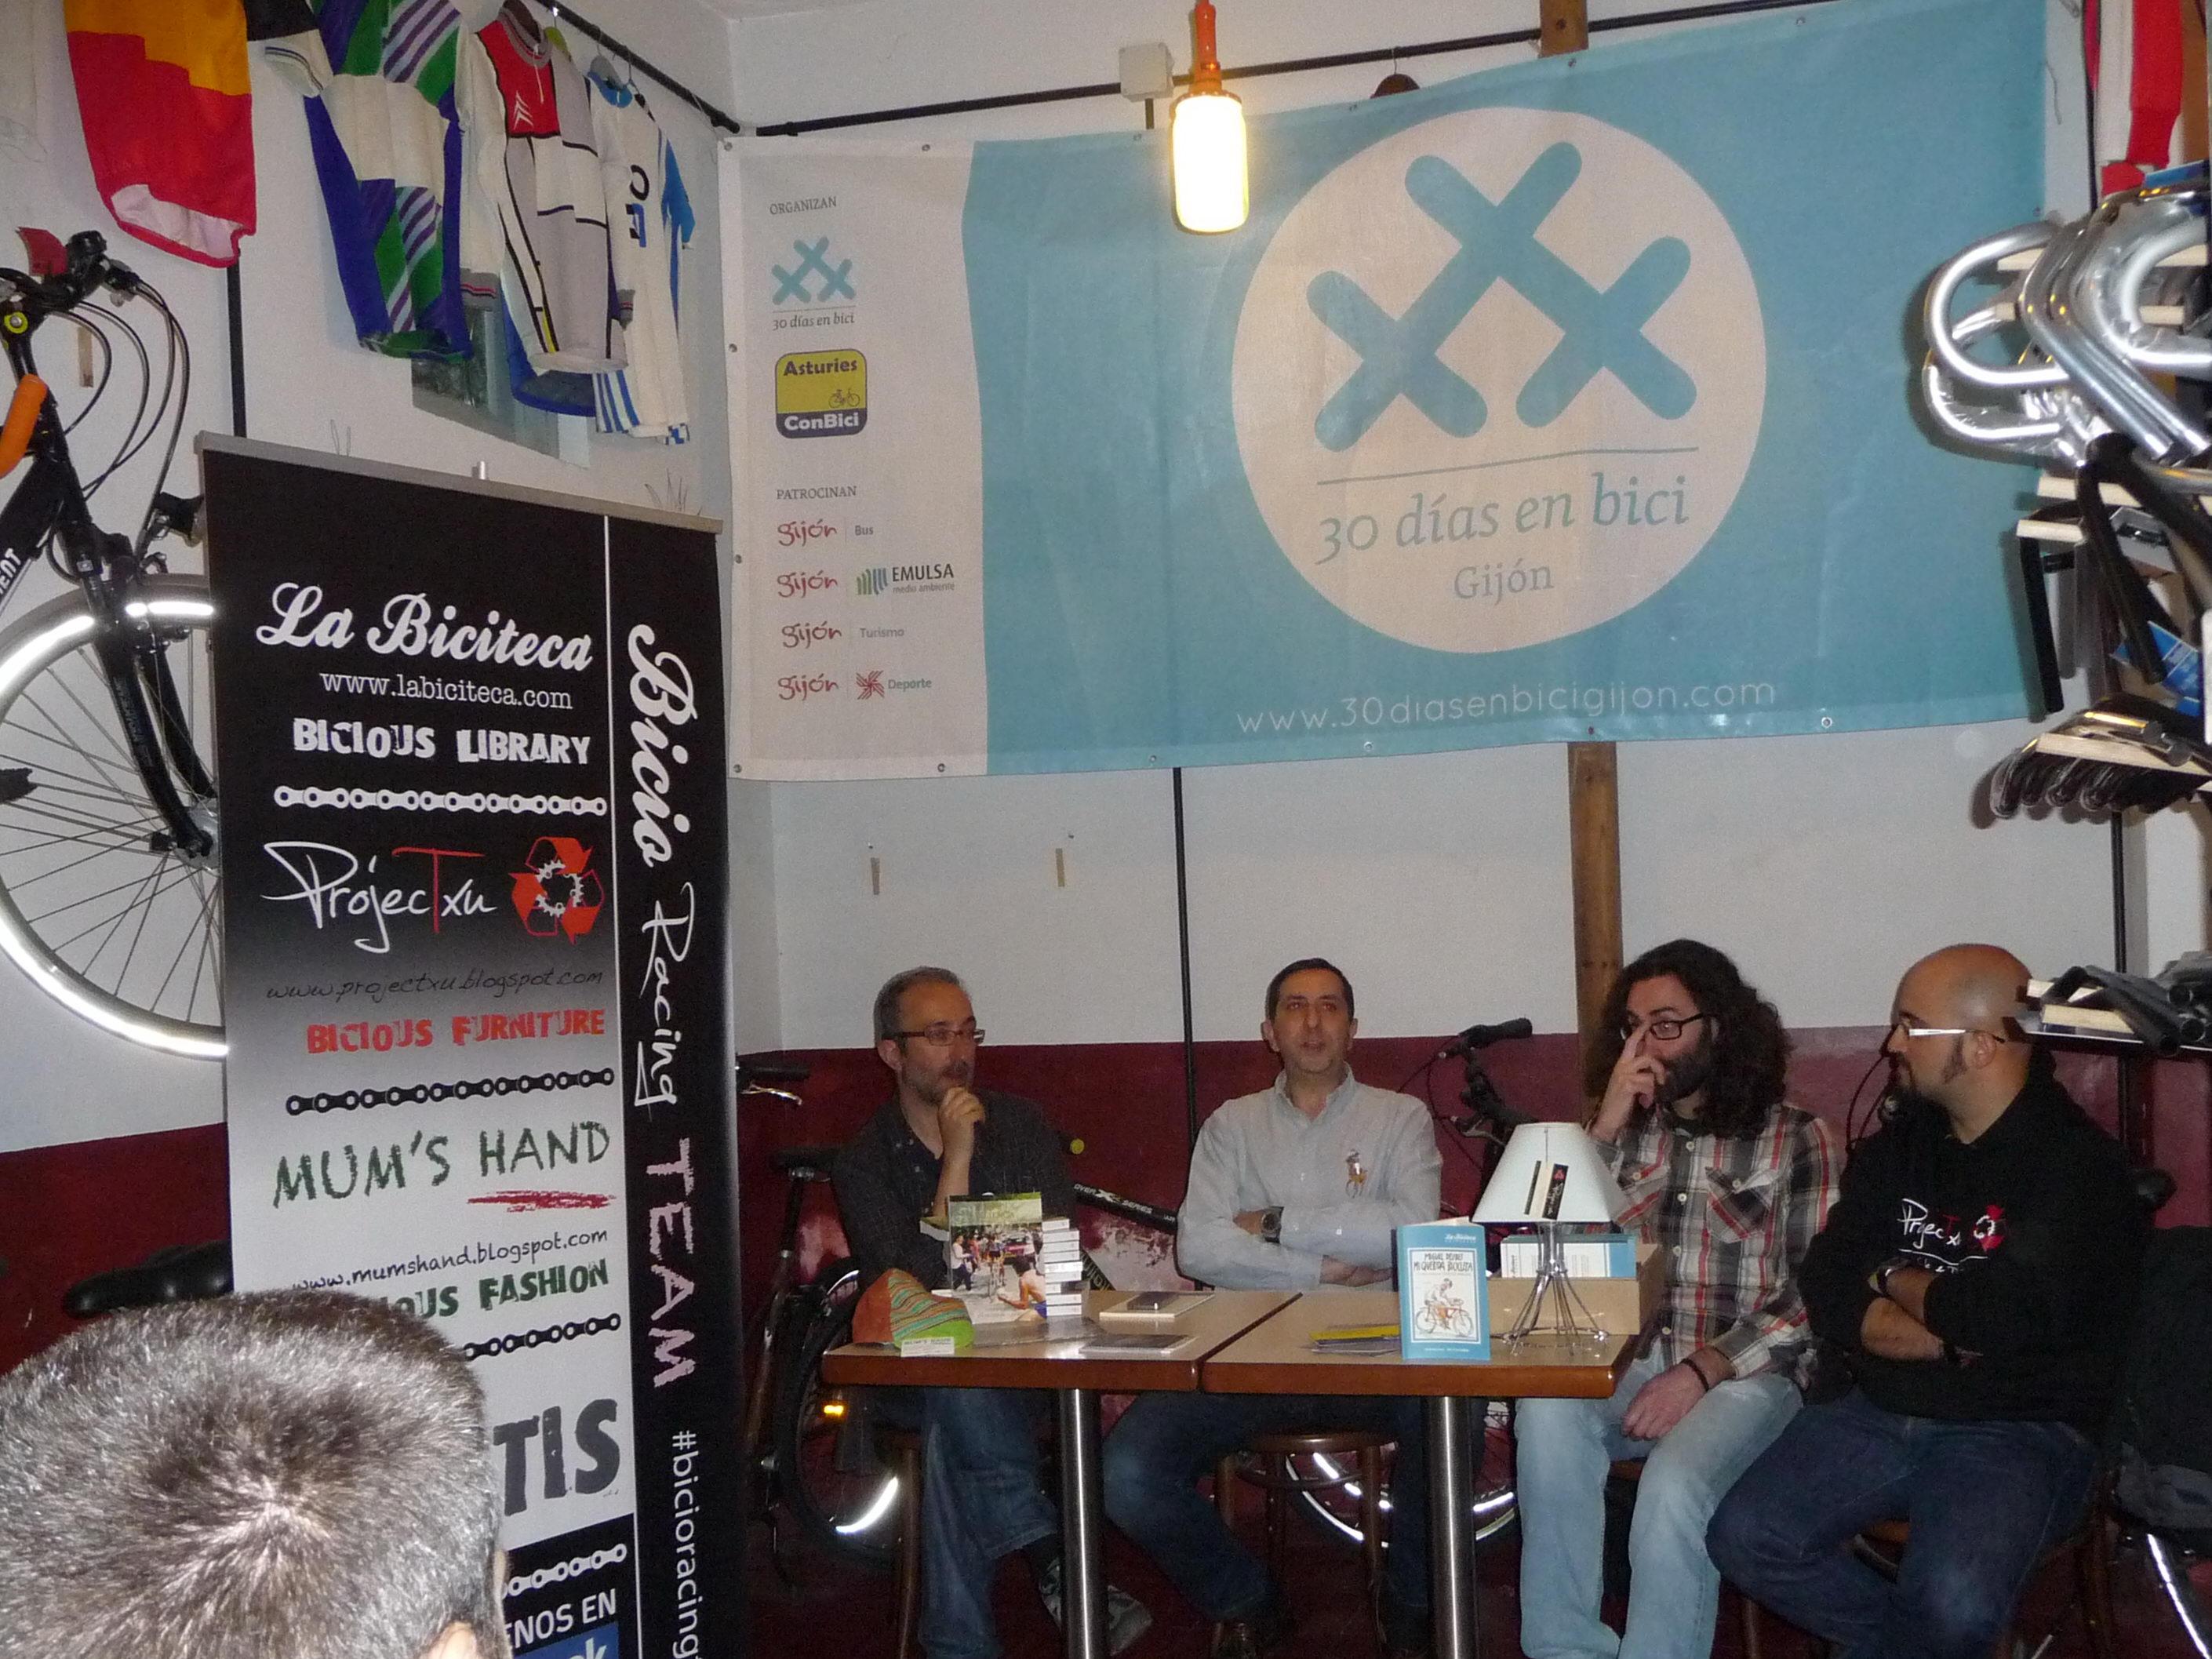 Foto de Presentación de La Biciteca en Ciclos Esplendor, 30 Días en Bici Gijón 2014